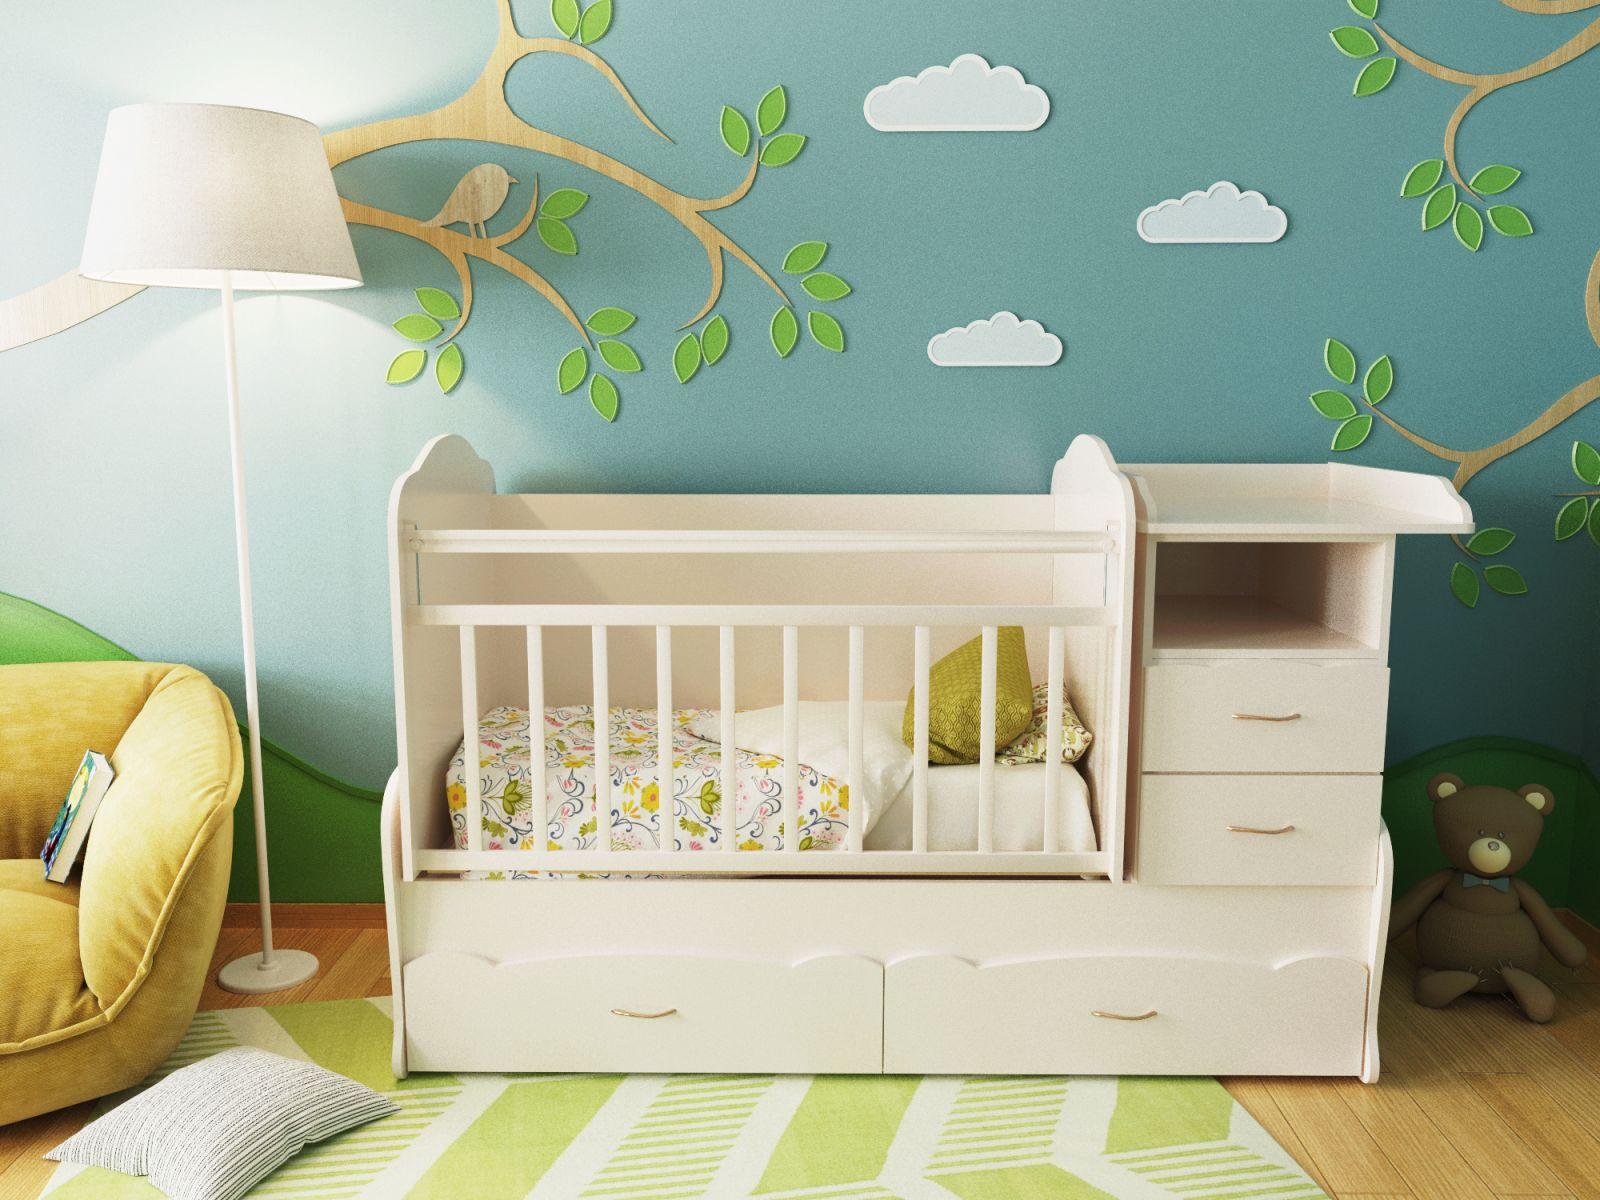 Кроватка для новорожденного: на что обратить внимание при покупке